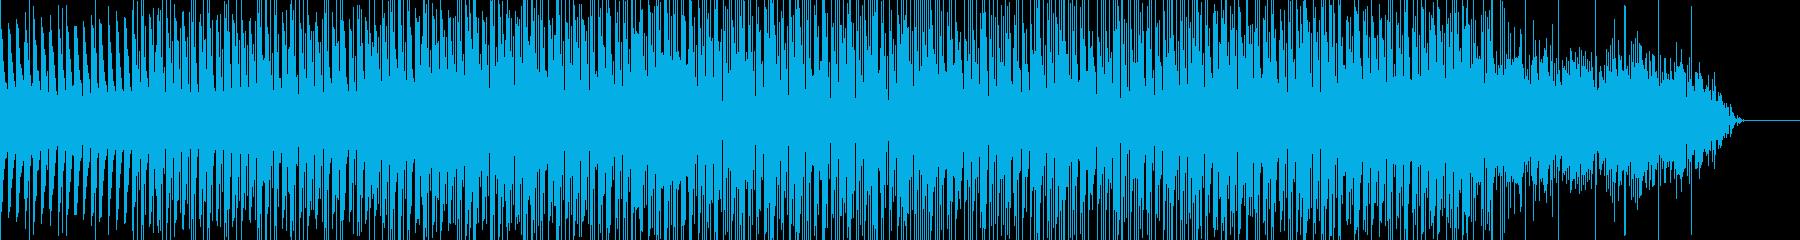 不思議なコード感のテクノの再生済みの波形